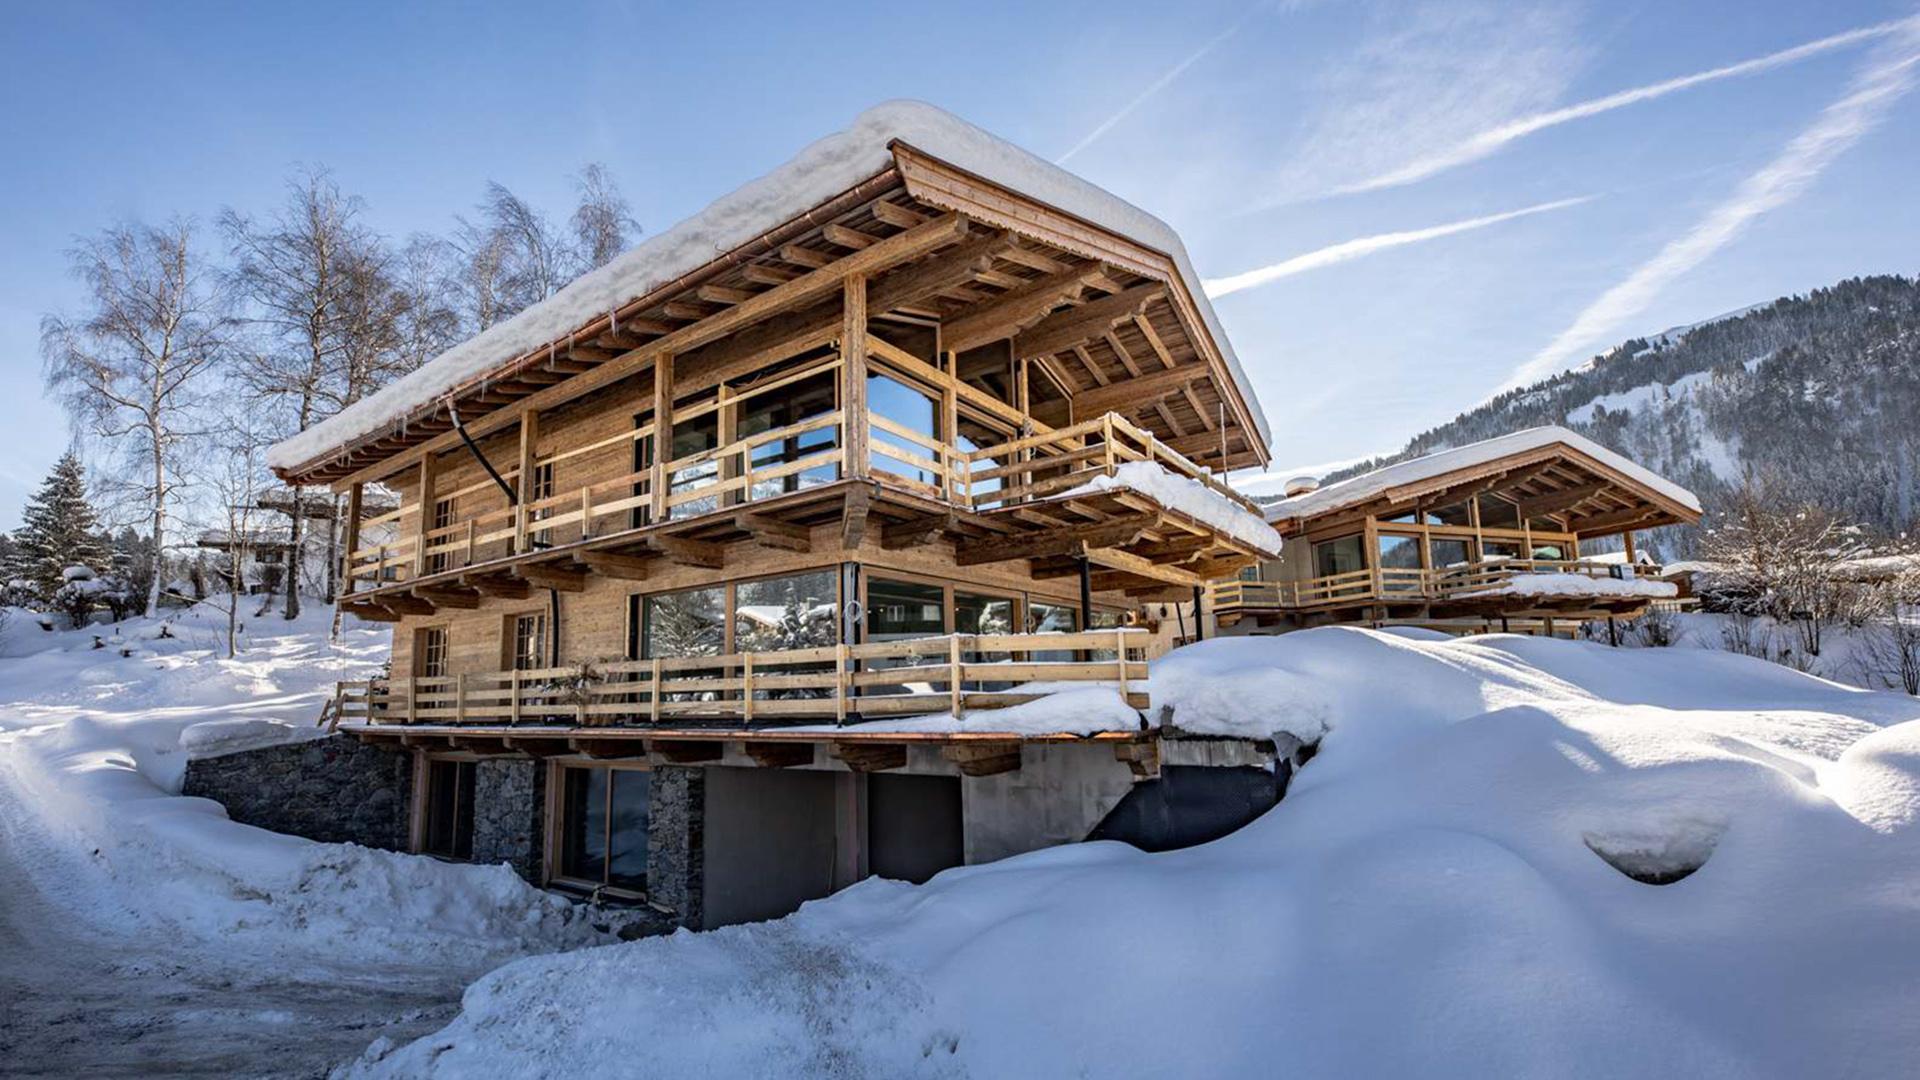 Chalet Marie Apartments, Austria